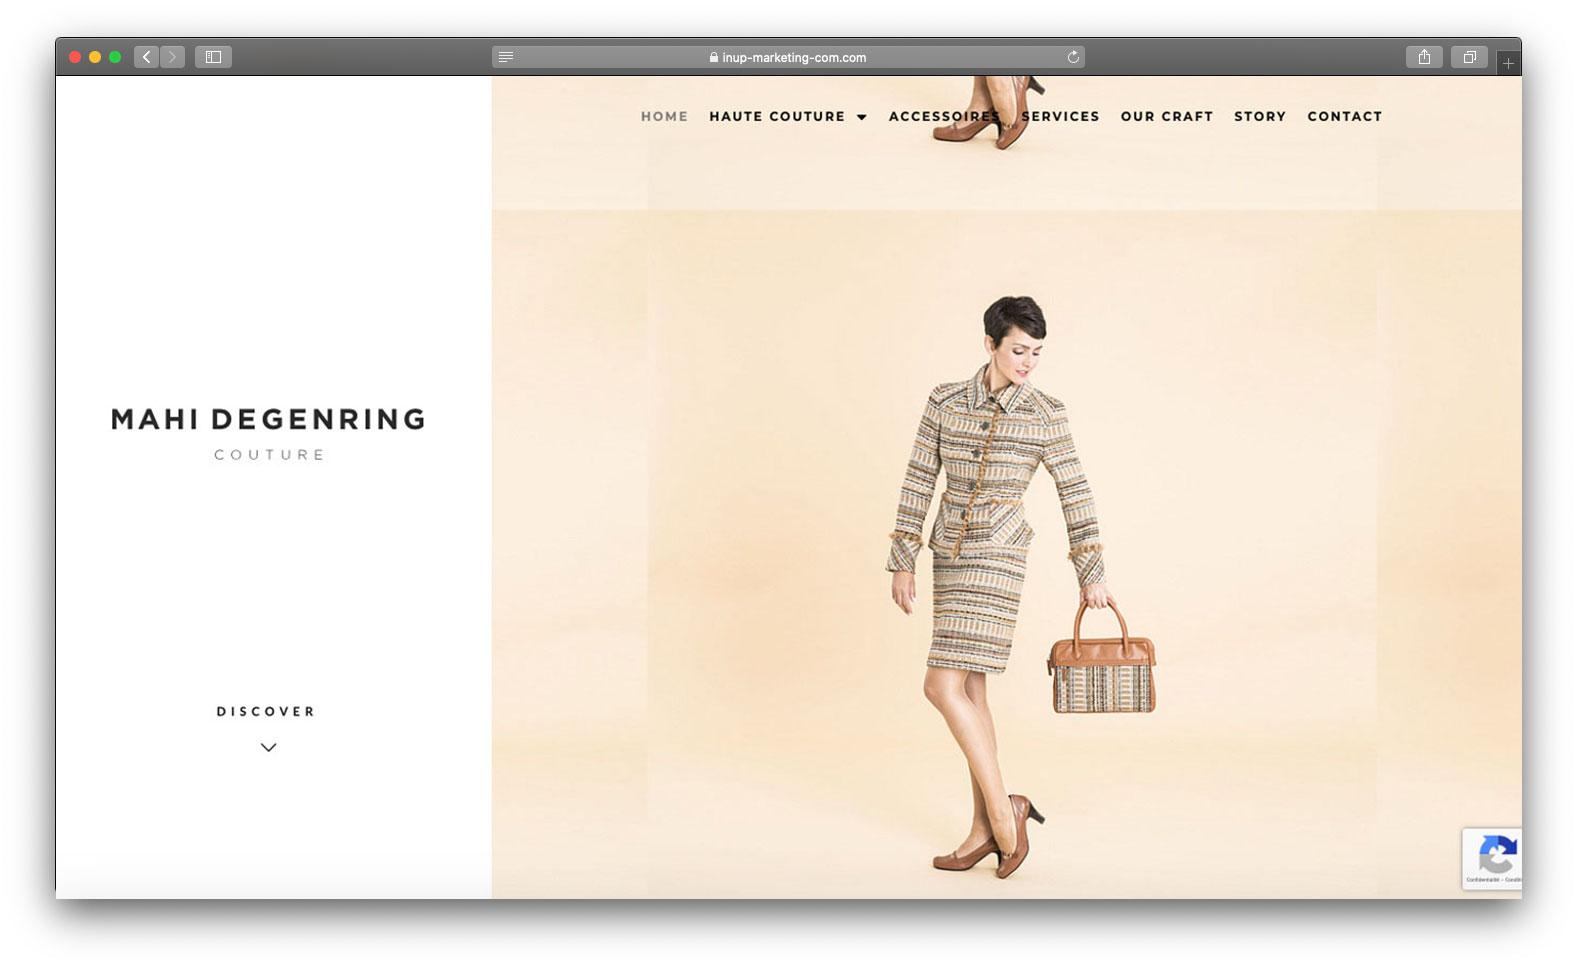 Projet Haut couture